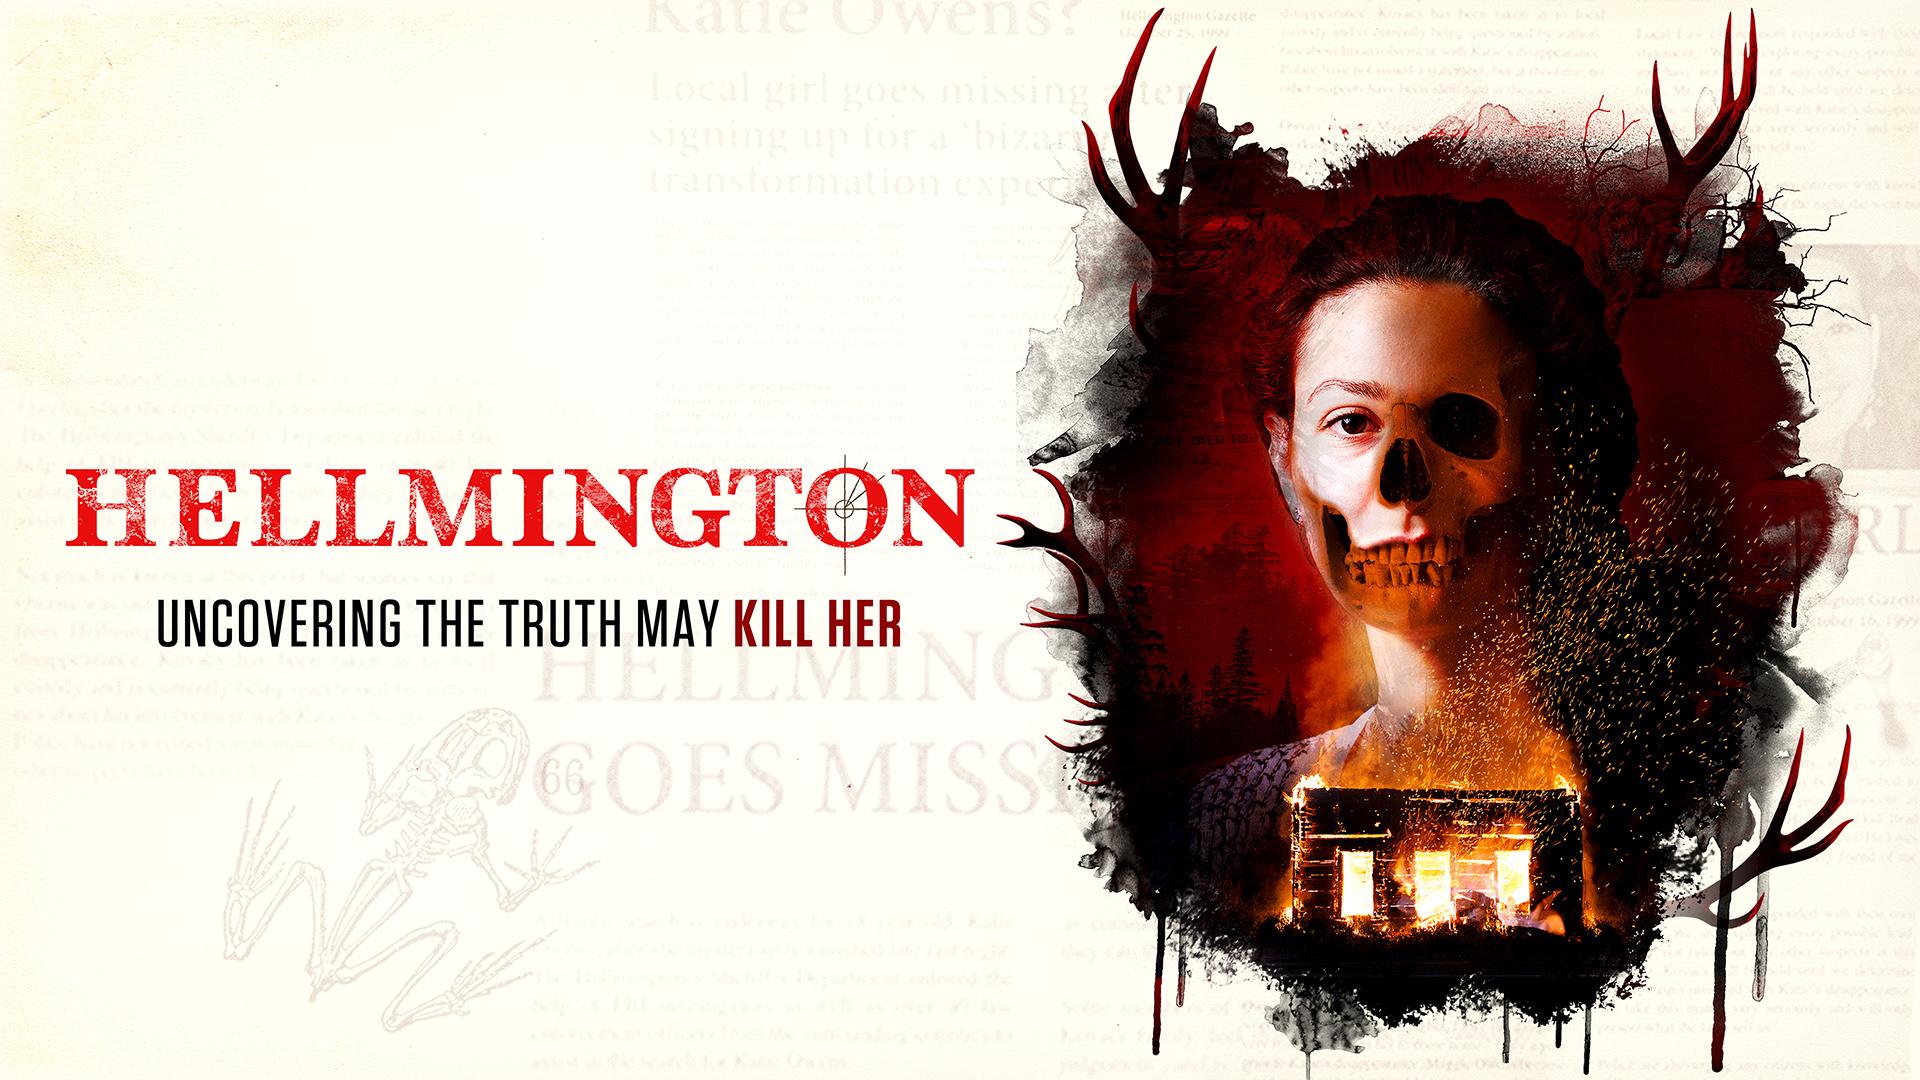 Hellmington